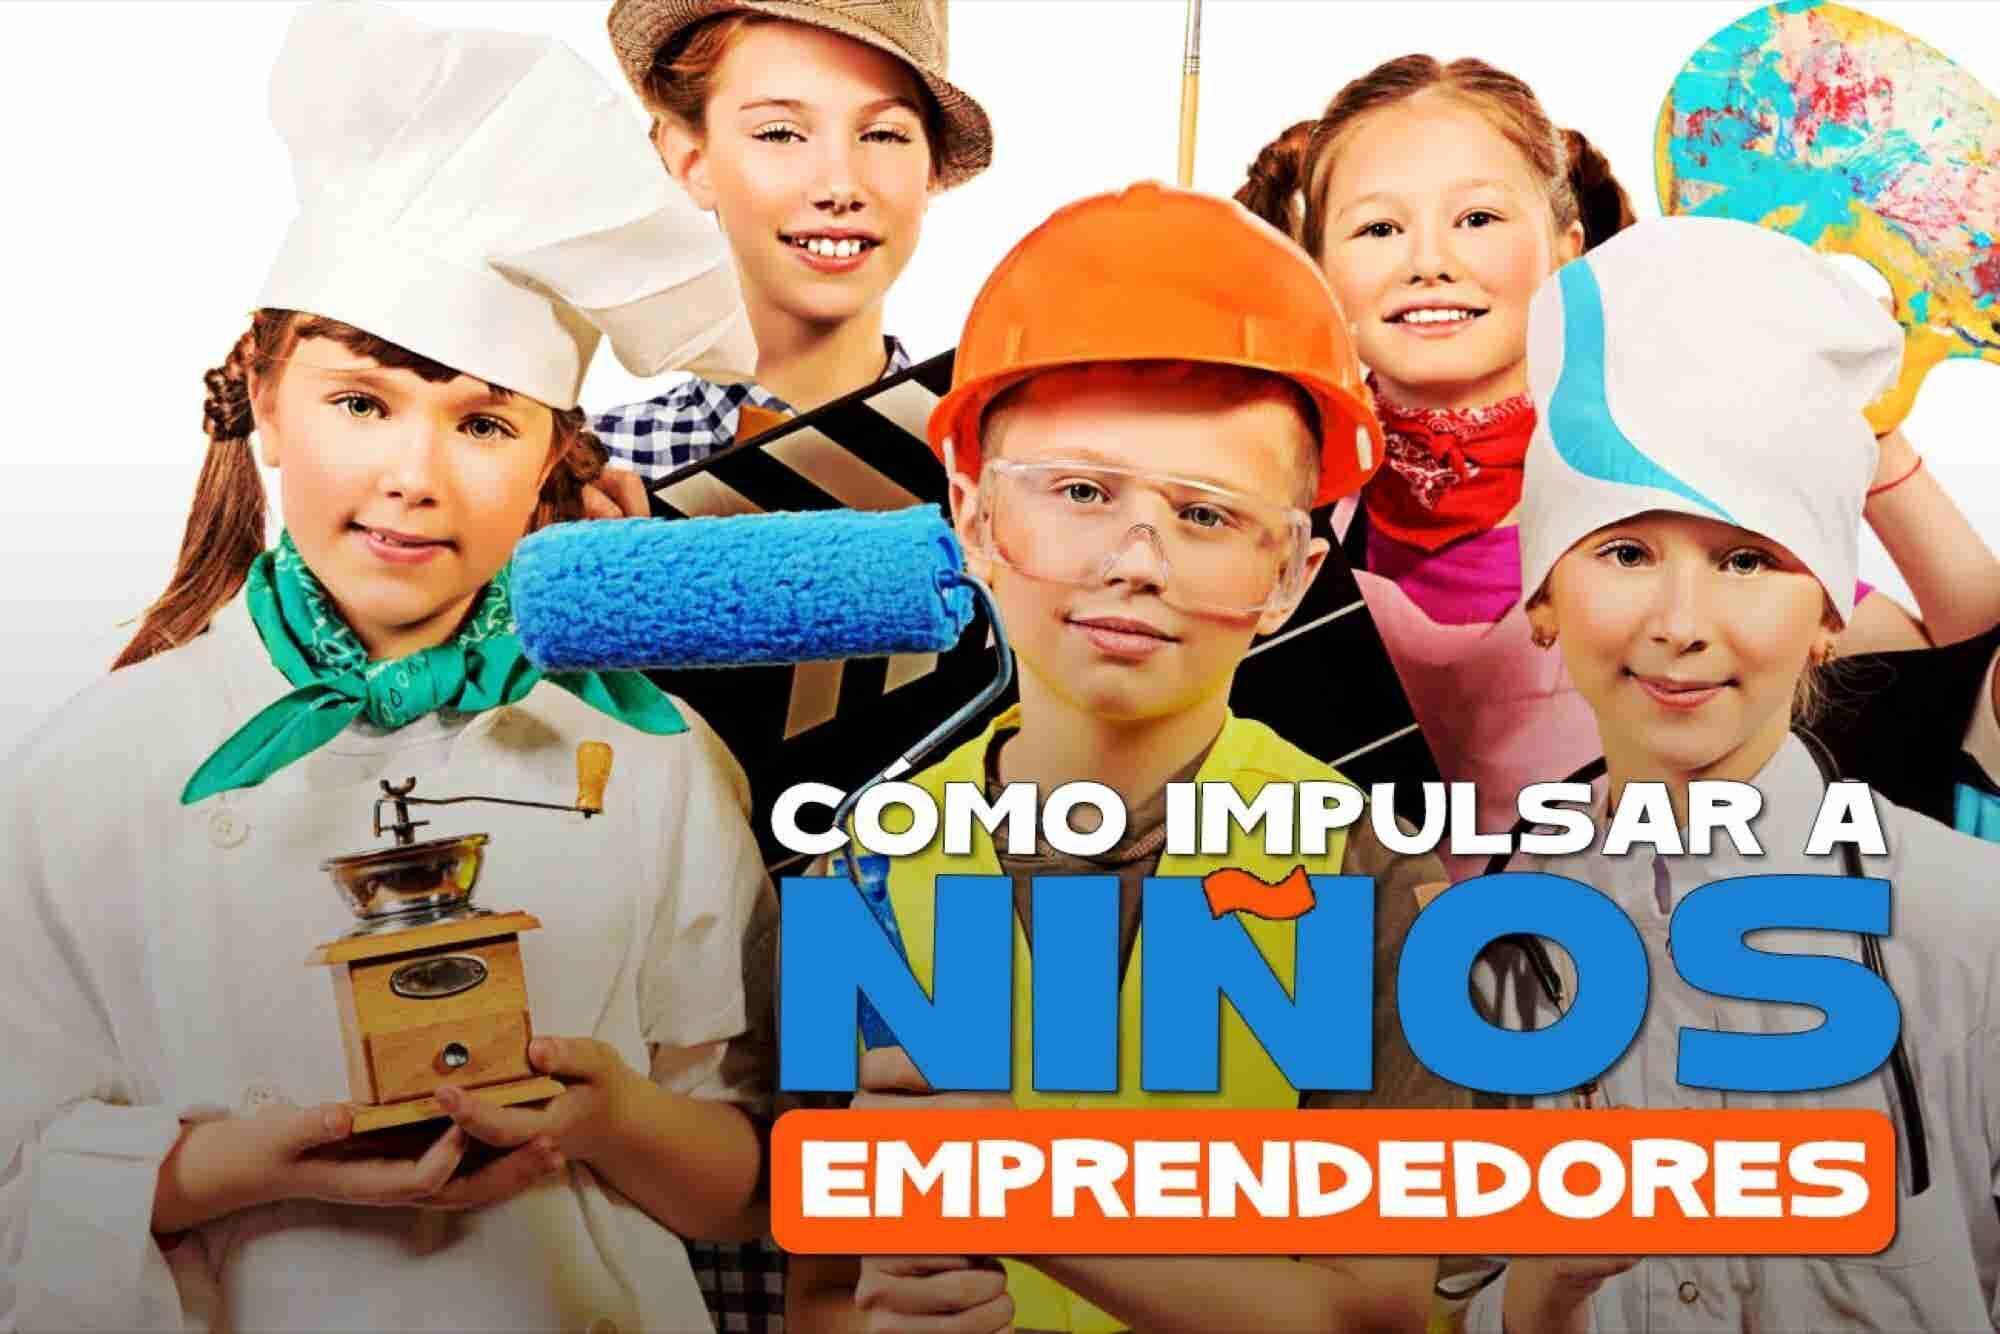 Cómo impulsar a niños emprendedores